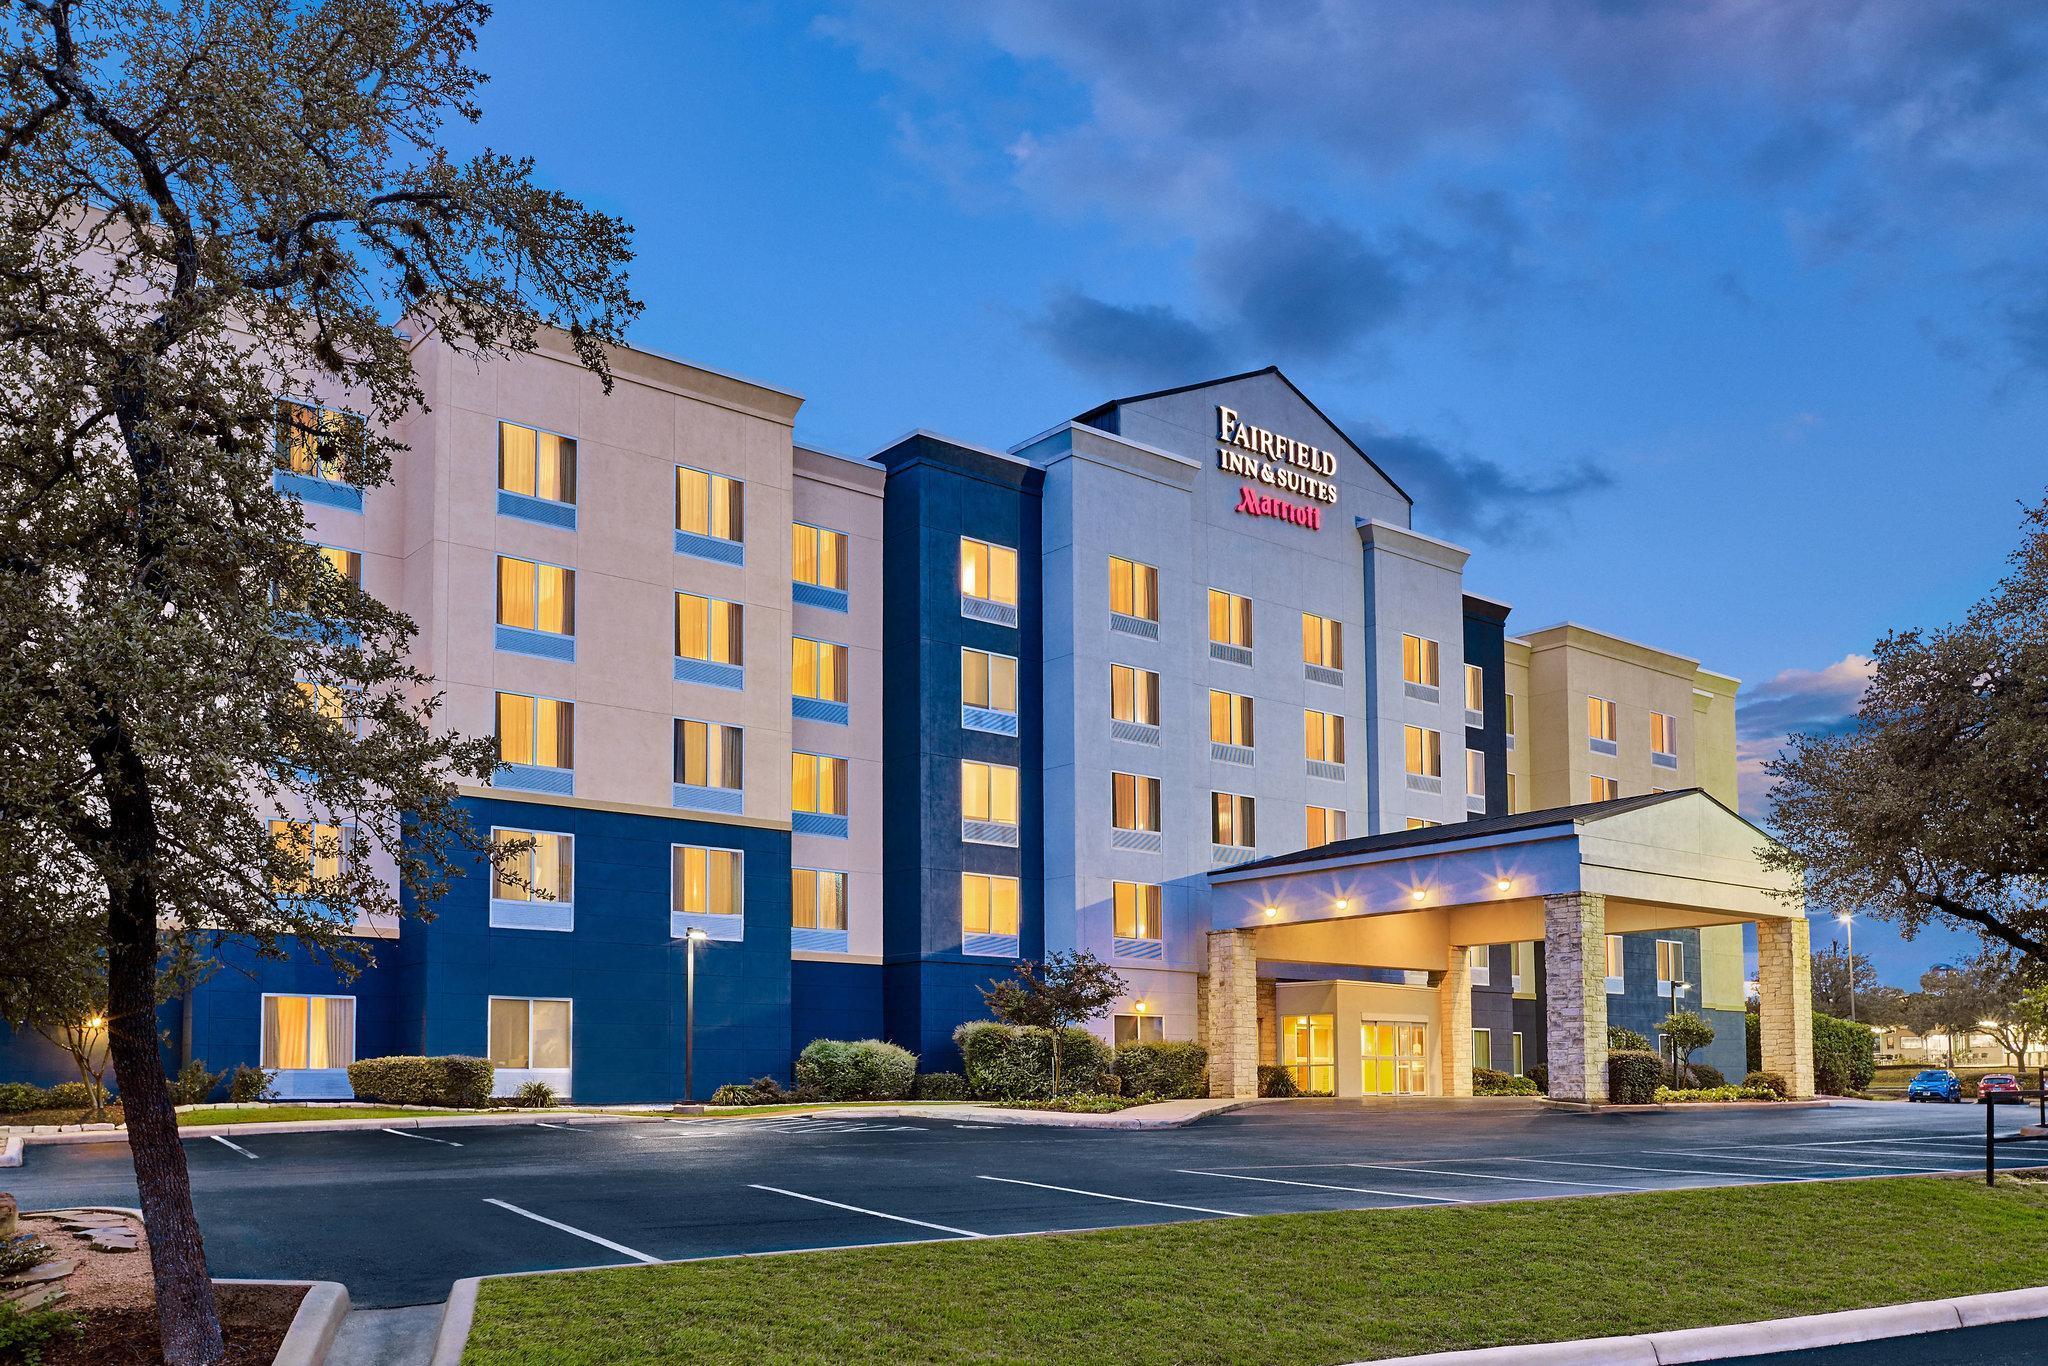 Fairfield Inn & Suites San Antonio NE Schertz